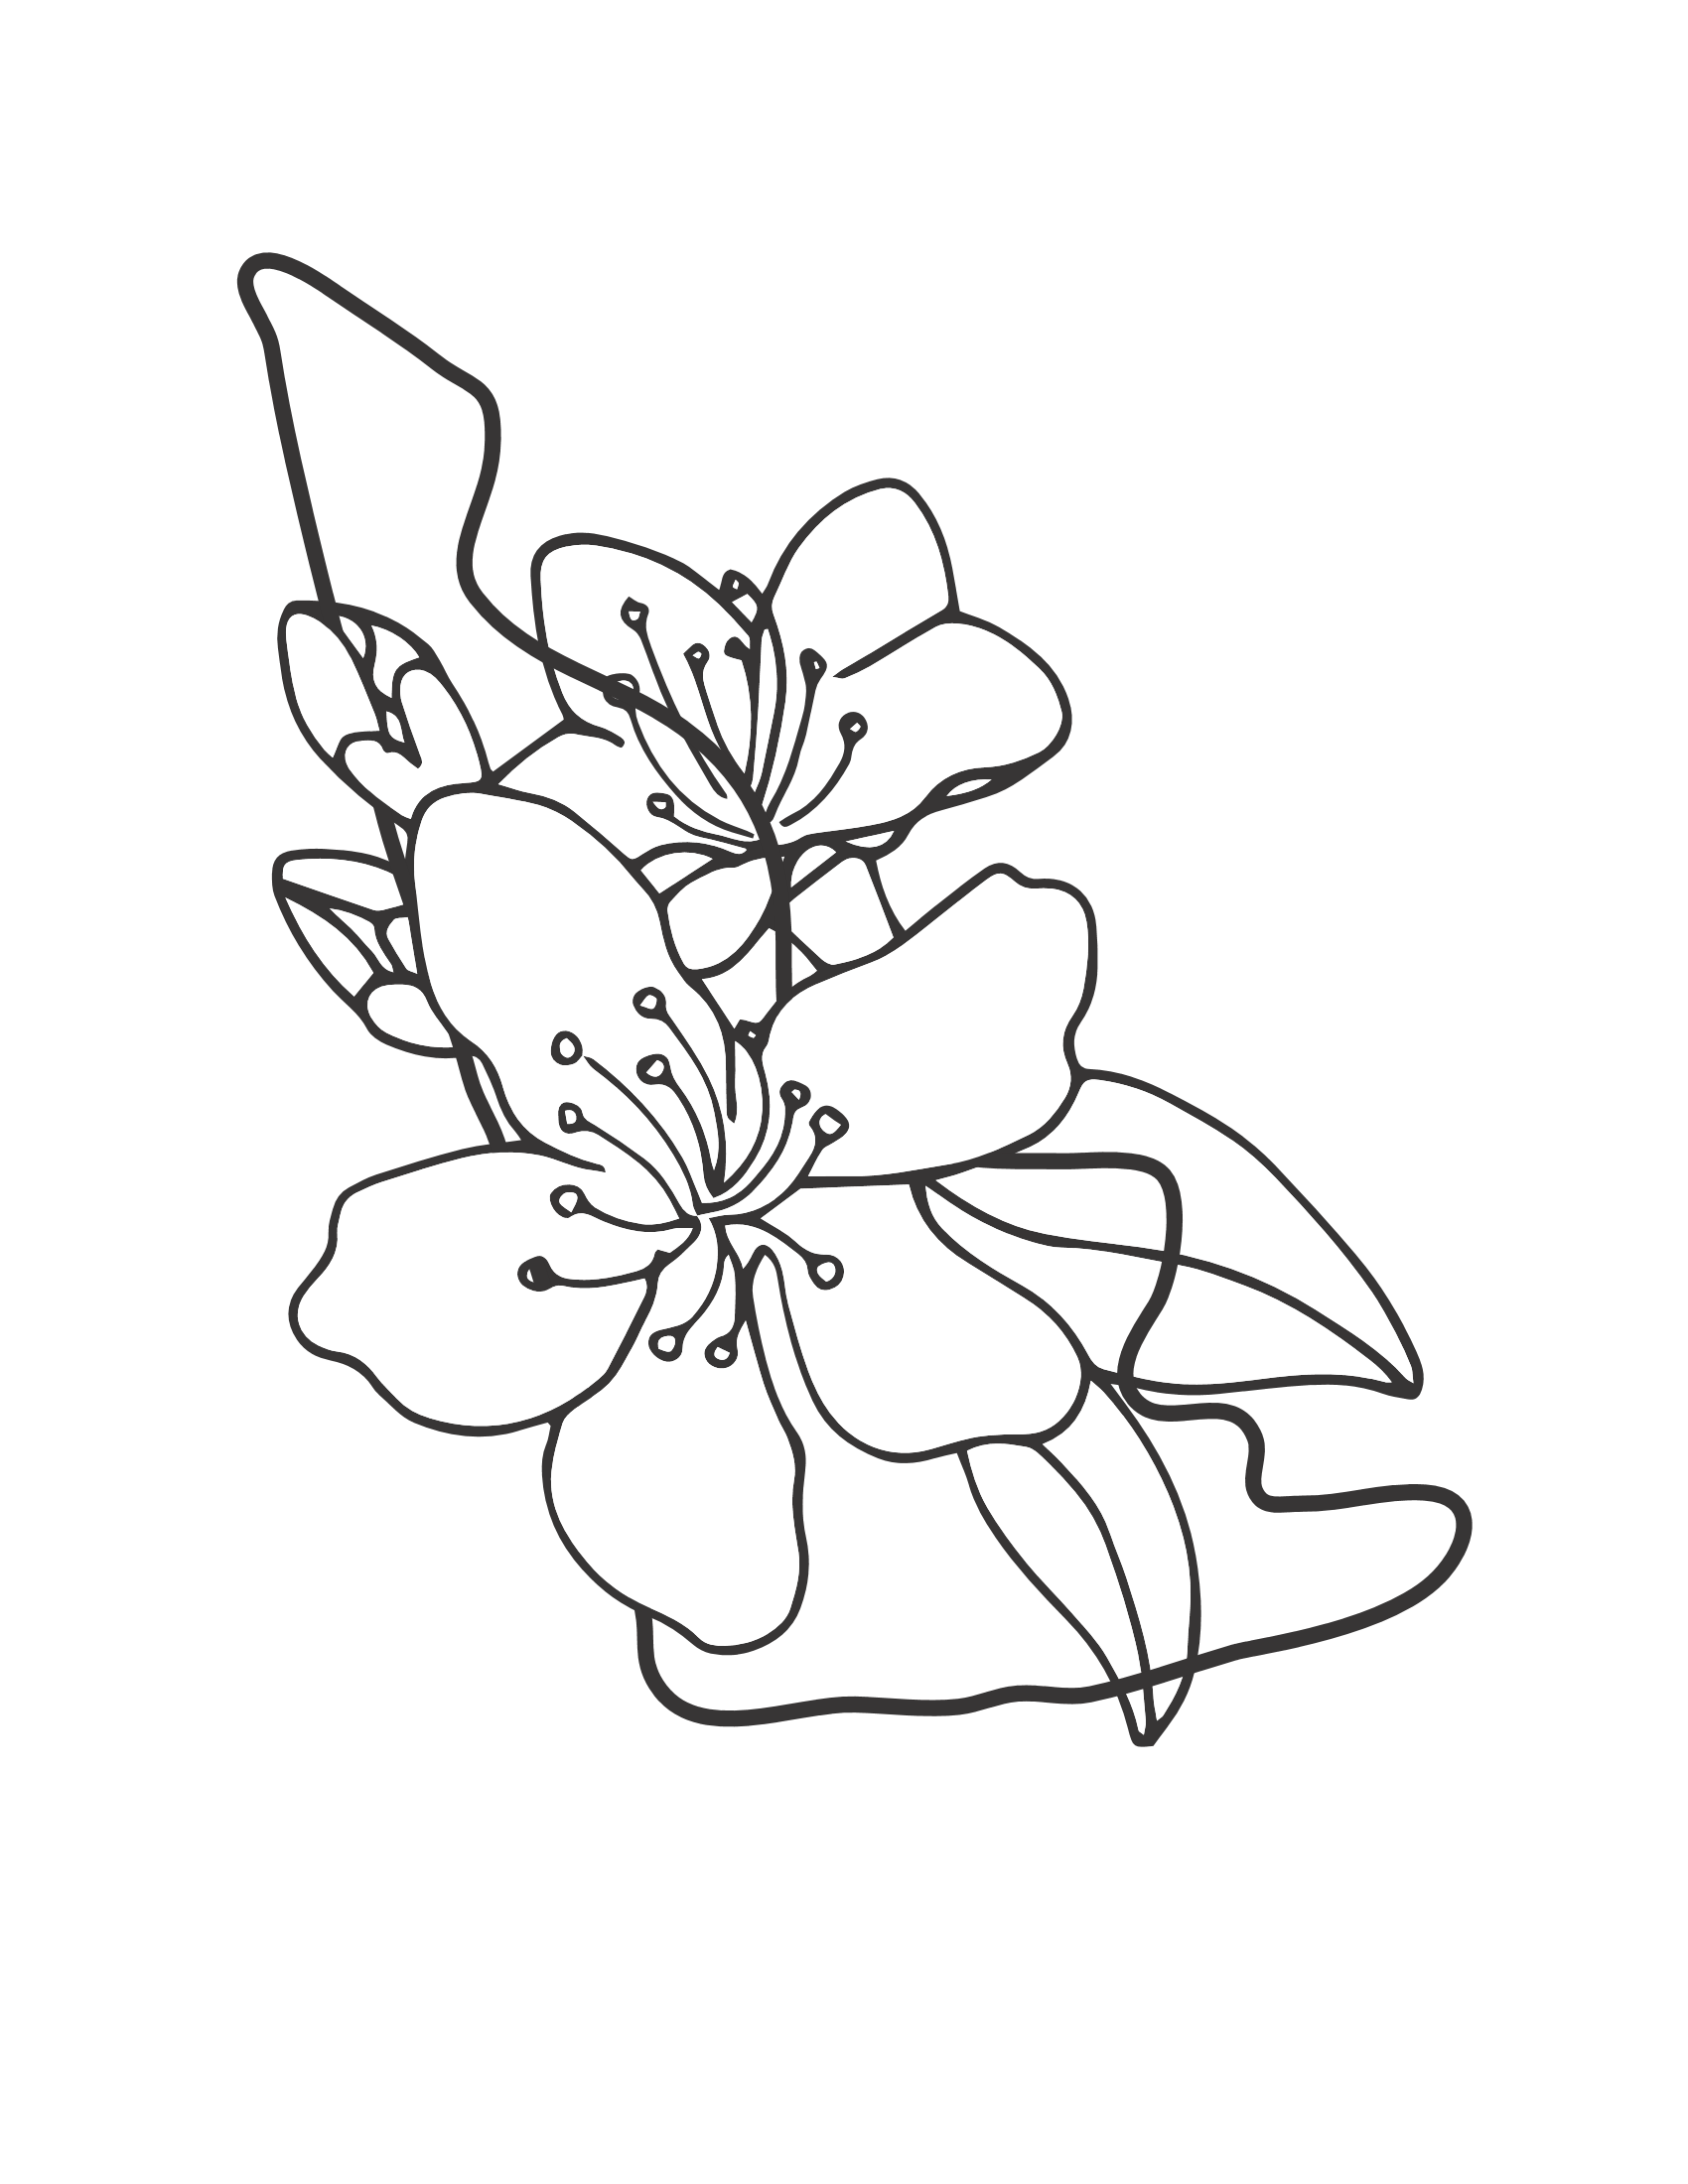 Hình ảnh tranh tô màu hoa mai đẹp nhất cho bé tập tô